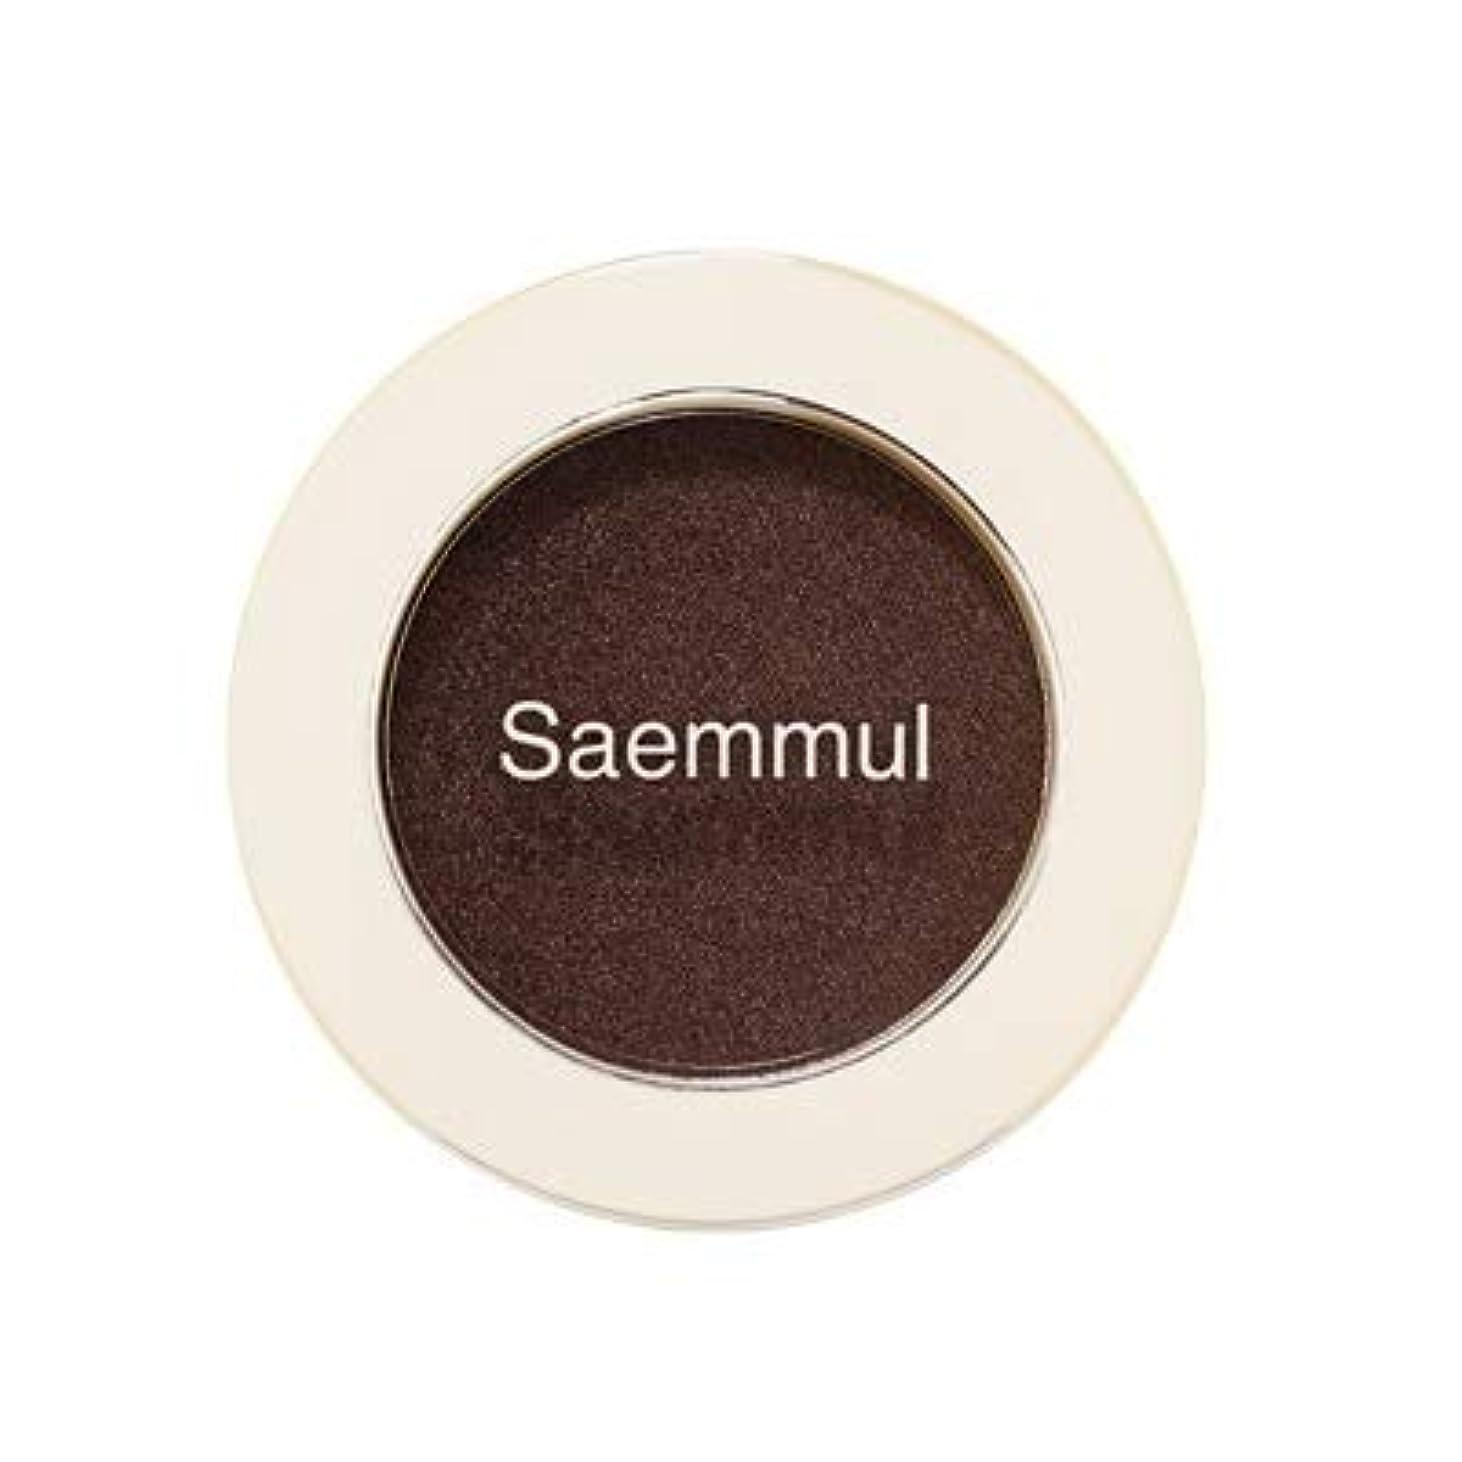 成功床を掃除する辞書theSAEM ザセム セムムル シングル シャドウ シマー 12類 Saemmul Single Shadow SHIMMER アイシャドウ 韓国コスメ (BR11)